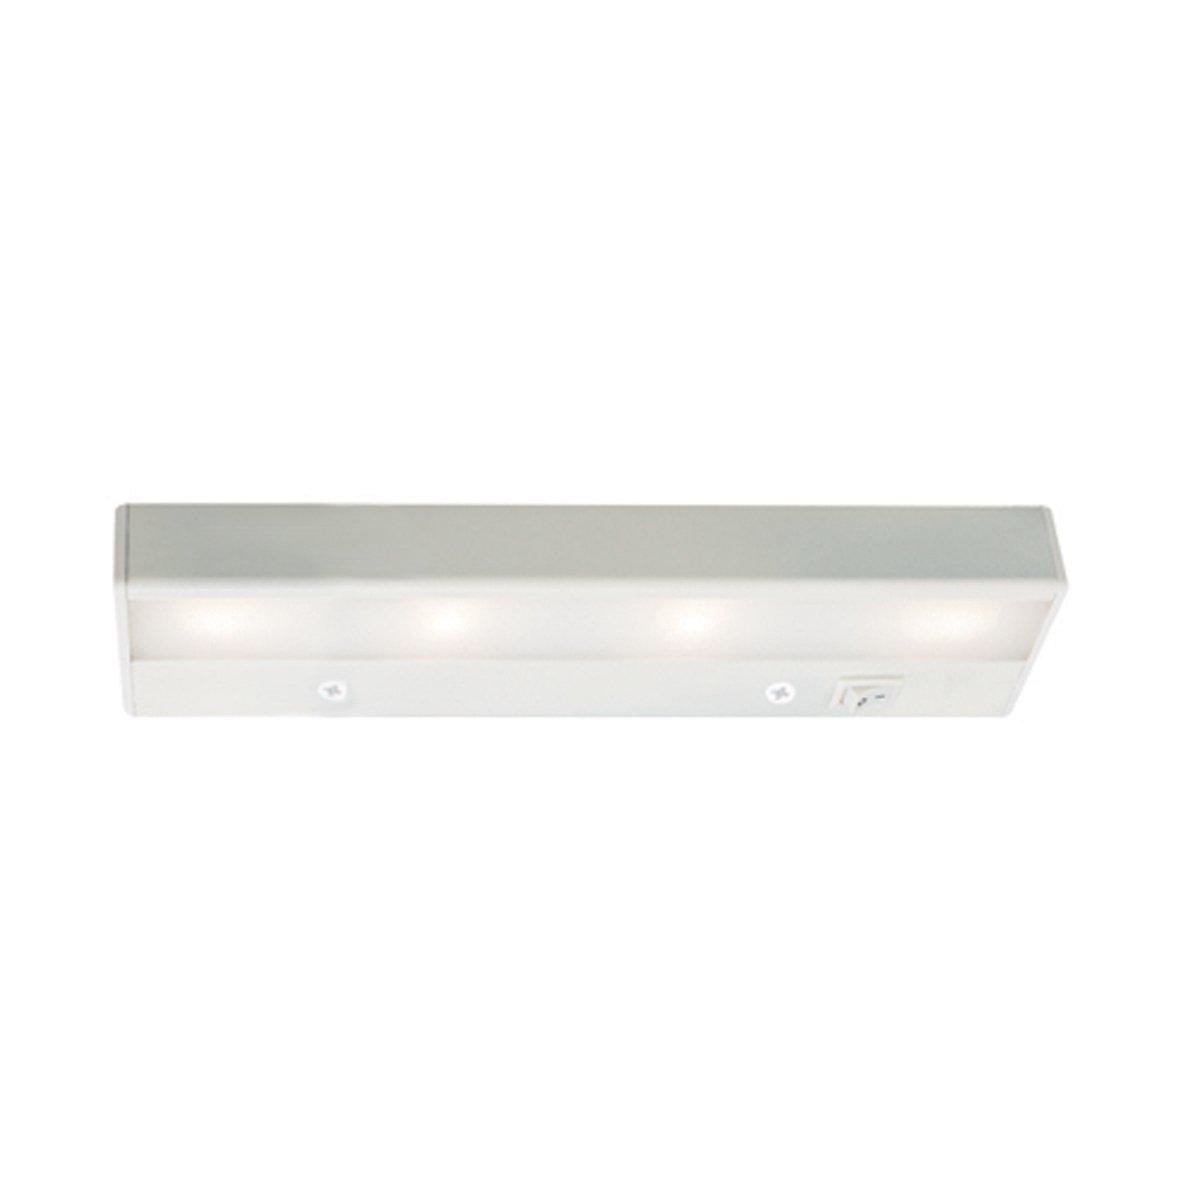 WAC Lighting BA-LED4-WT LEDme 12-Inch Under Cabinet, White Finish